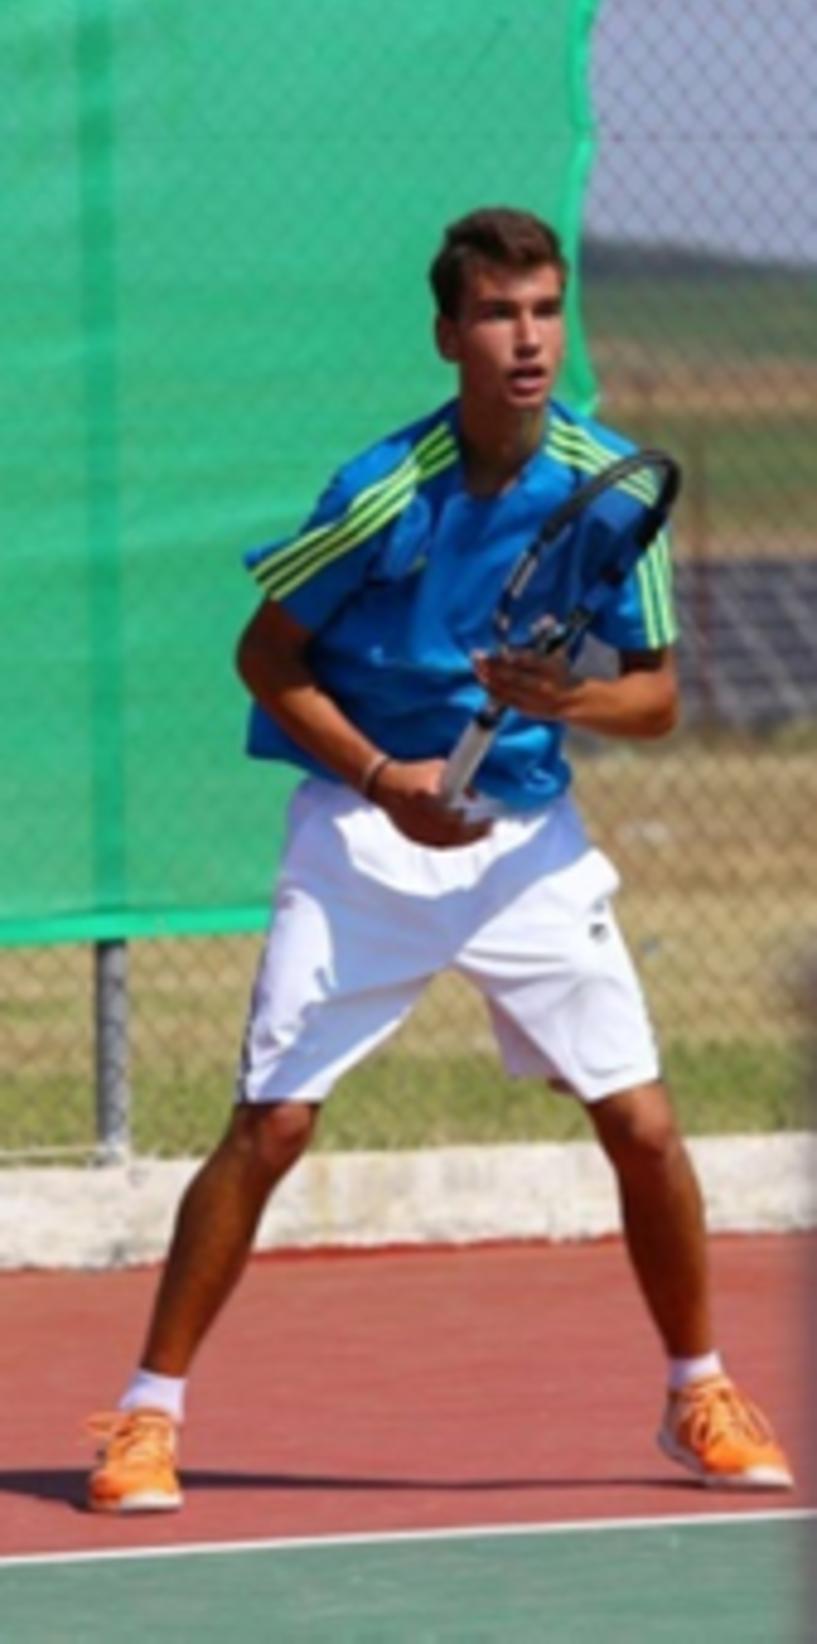 Νέα επιτυχία του Βεροιώτη τενίστα.  Προκρίθηκε στους 8 του ITF Juniors Skopje Open 2018 ο Ταραμονλής